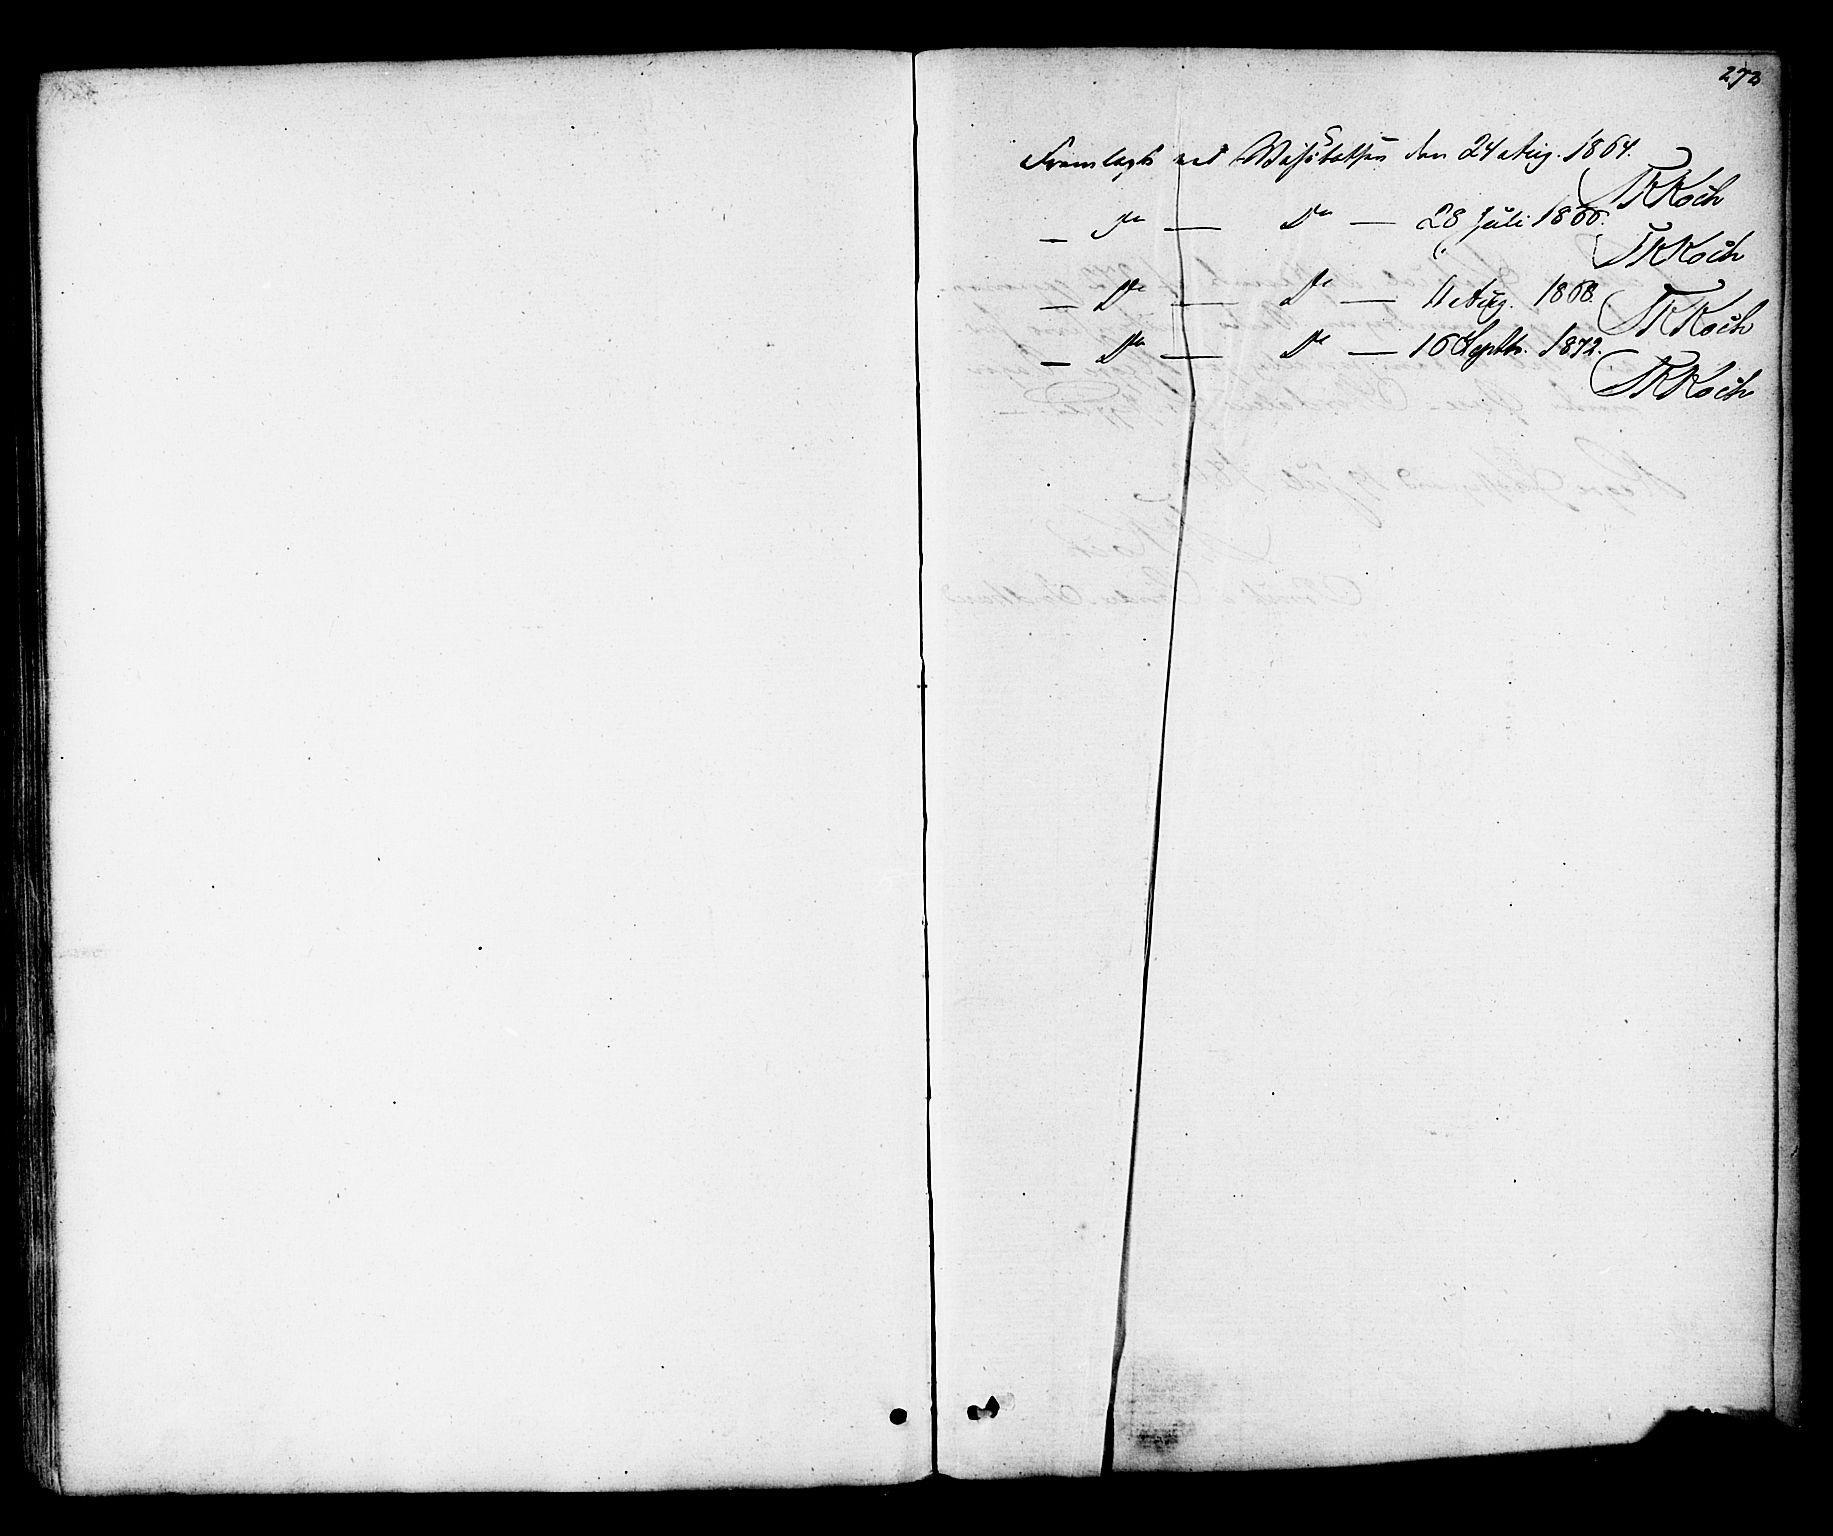 SAT, Ministerialprotokoller, klokkerbøker og fødselsregistre - Nord-Trøndelag, 703/L0029: Ministerialbok nr. 703A02, 1863-1879, s. 272